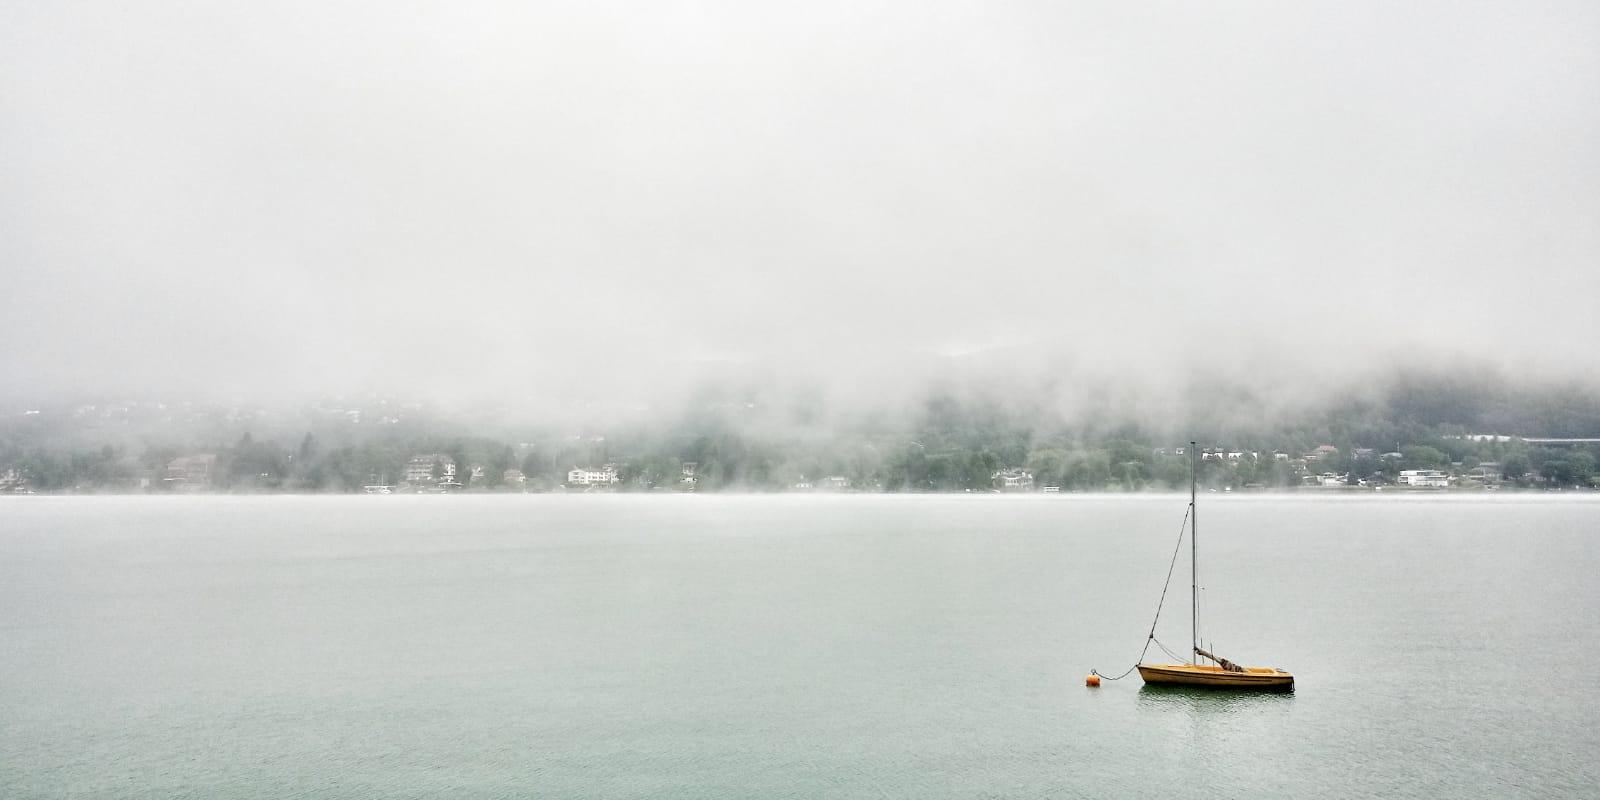 Depressionen Bild vom See der von Nebel umgeben ist mit einem angelegten Segelboot im Vordergrund